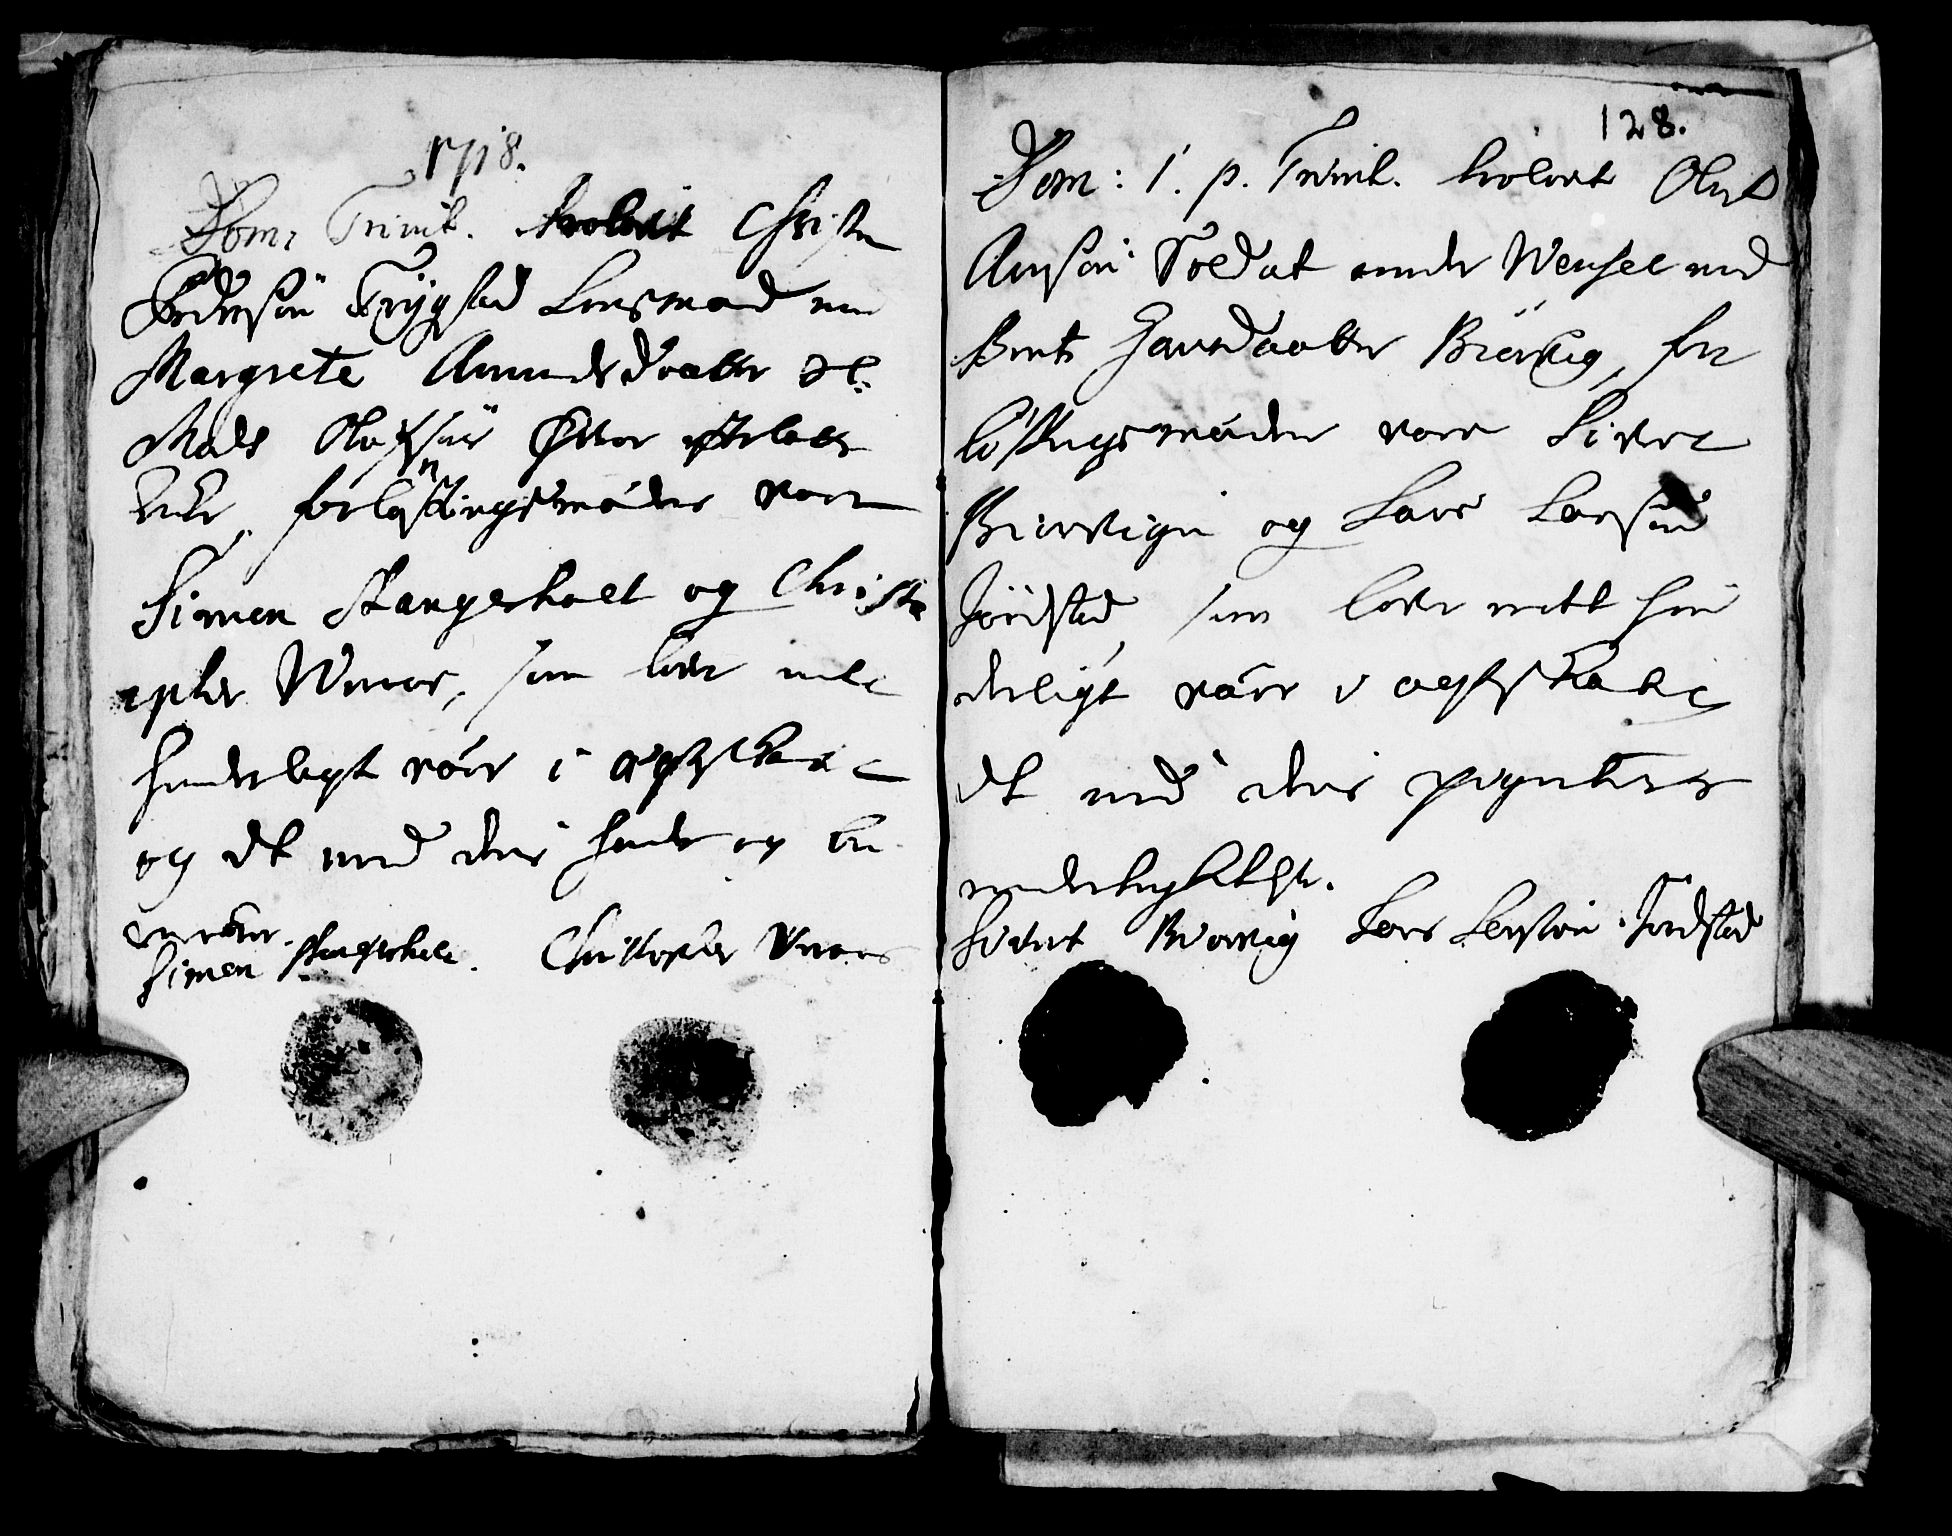 SAT, Ministerialprotokoller, klokkerbøker og fødselsregistre - Nord-Trøndelag, 722/L0214: Ministerialbok nr. 722A01, 1692-1718, s. 128